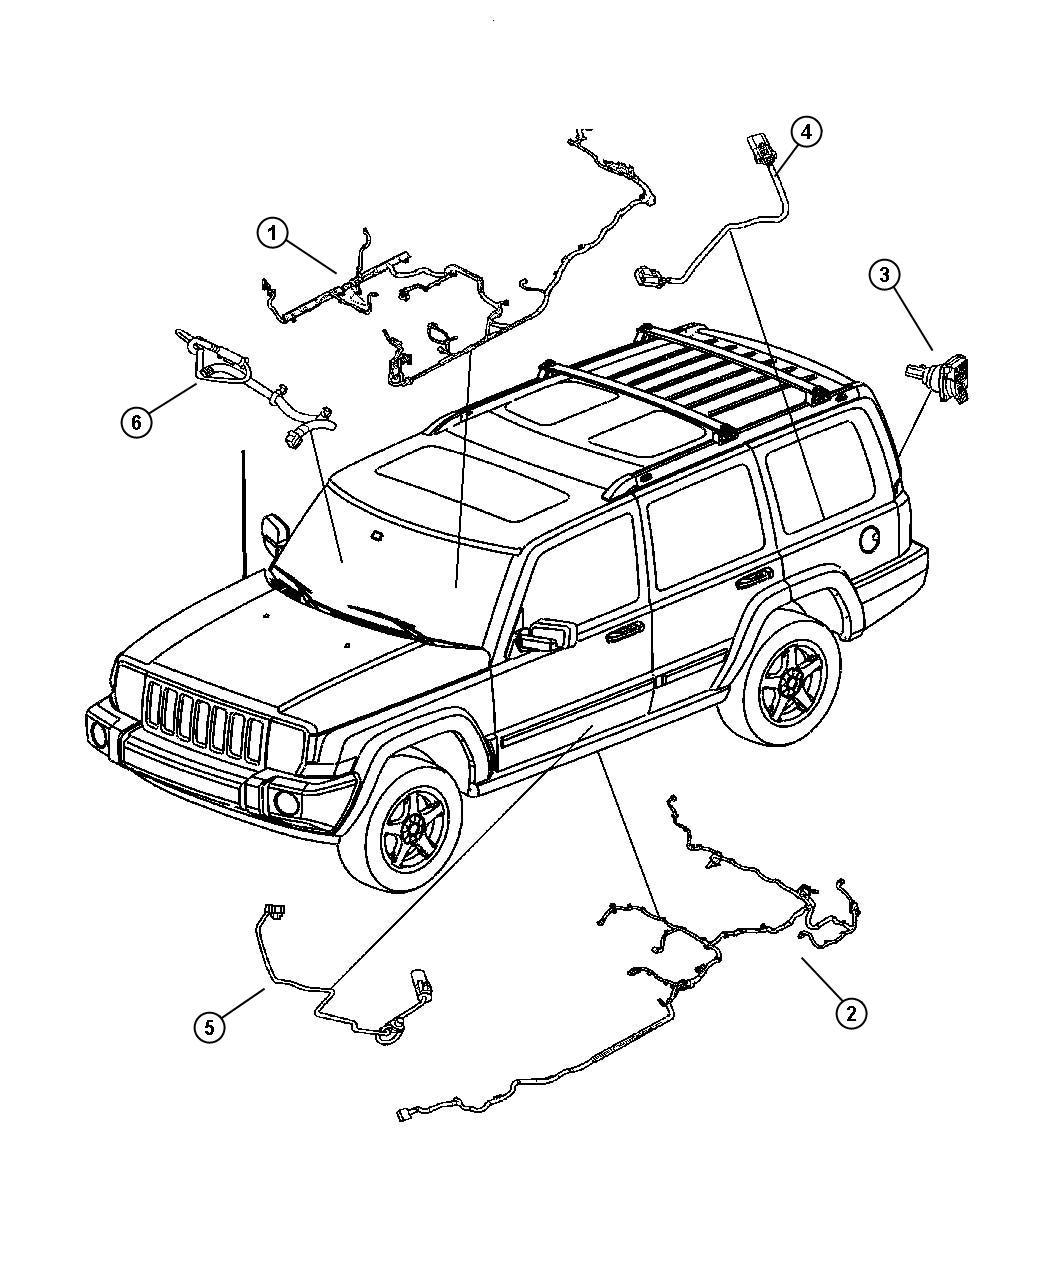 2006 Jeep Commander Fuel Wiring Diagram